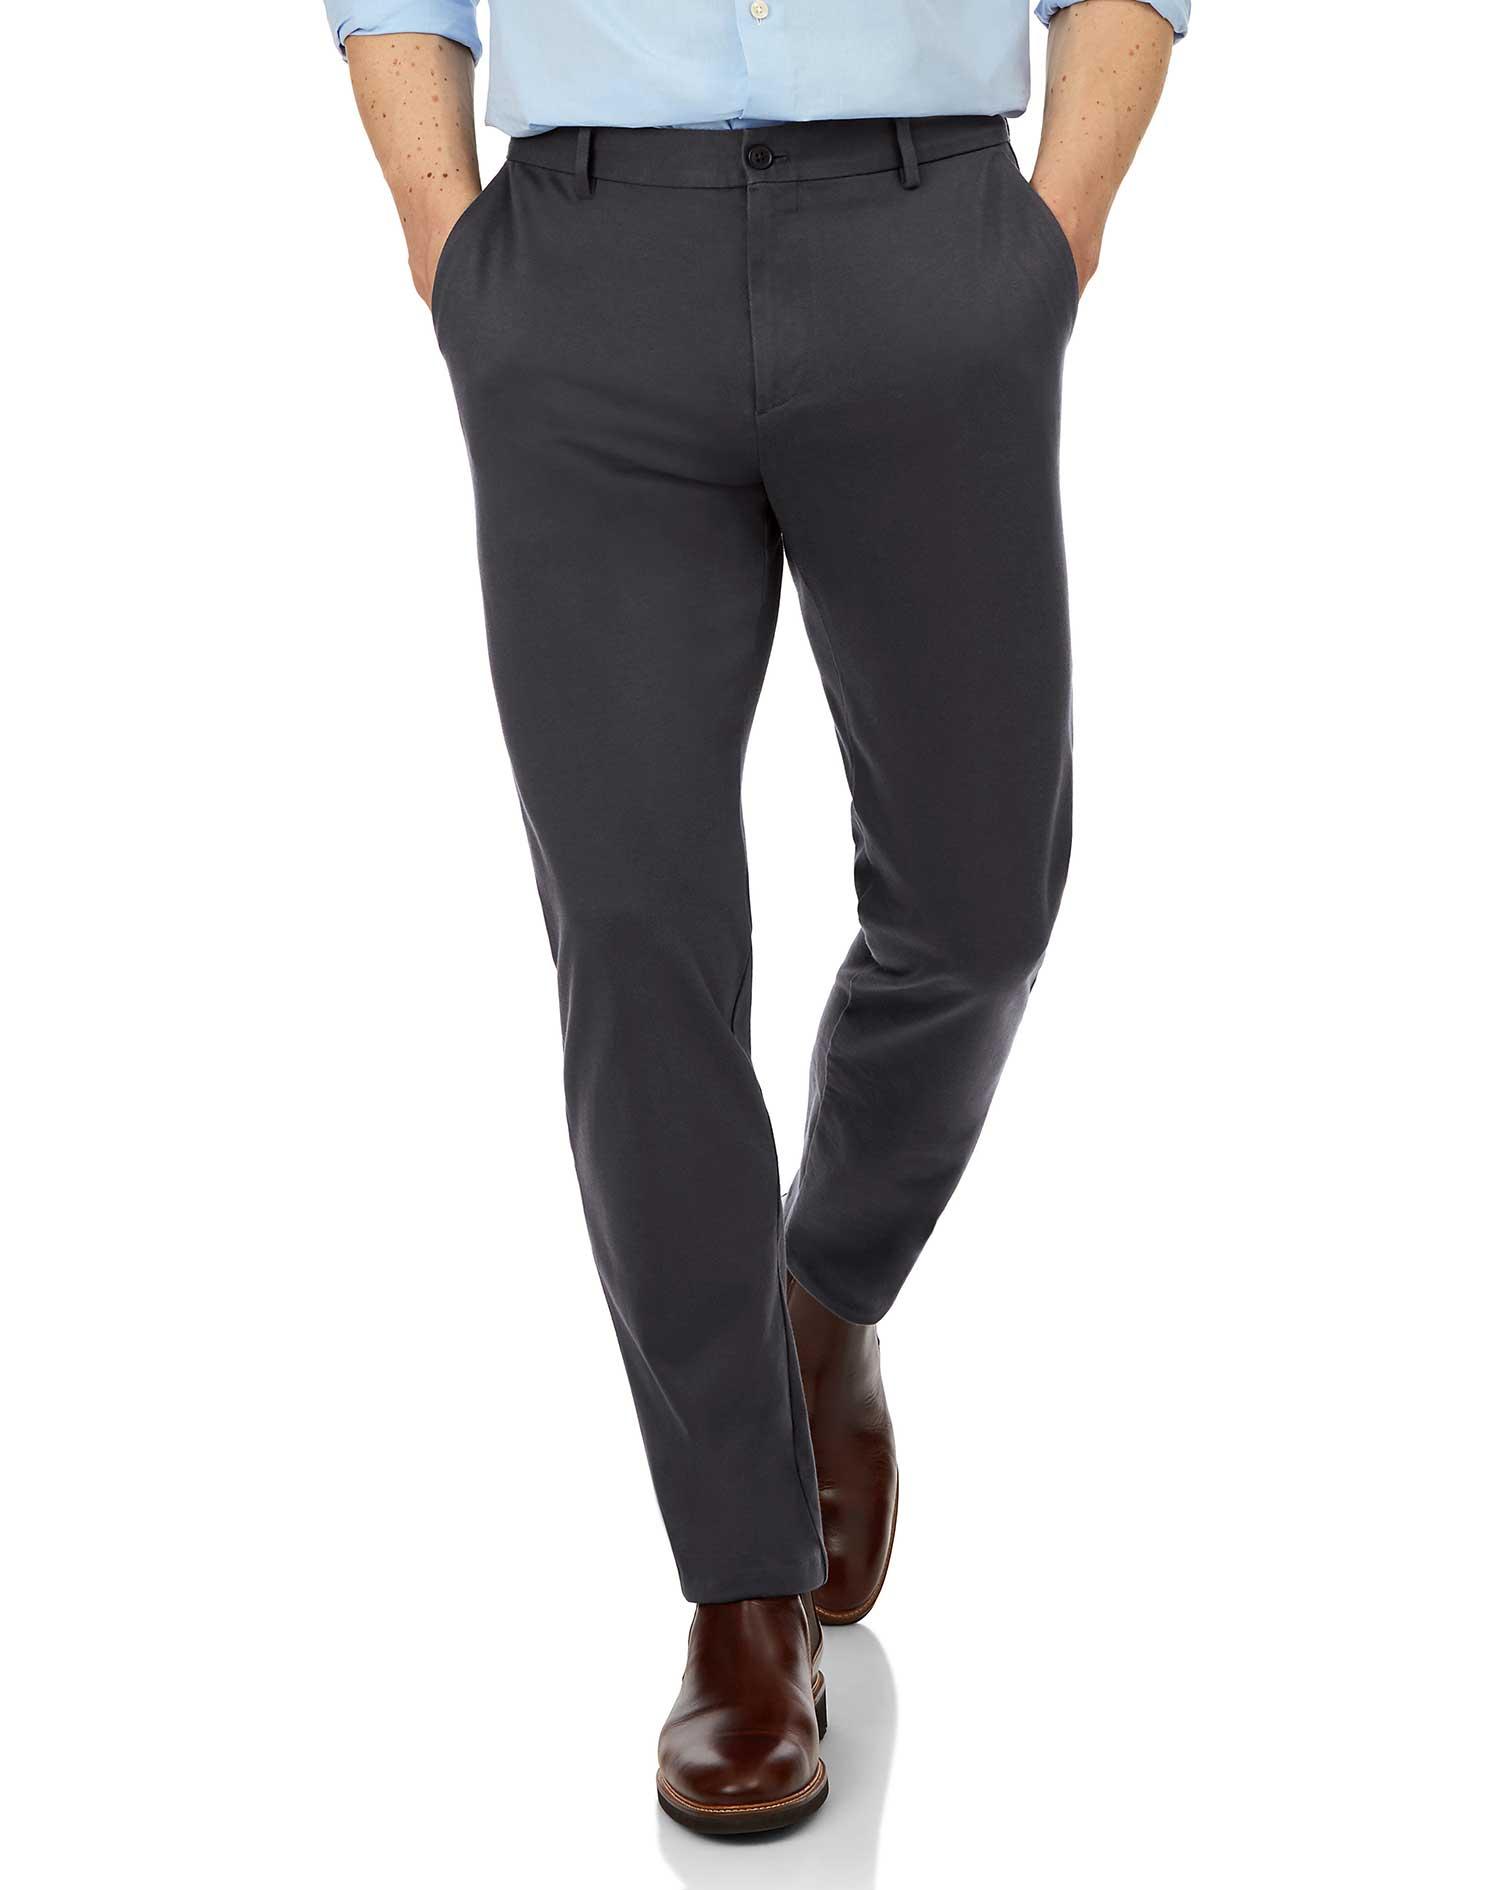 Cotton Charcoal Non-Iron Travel Trouser